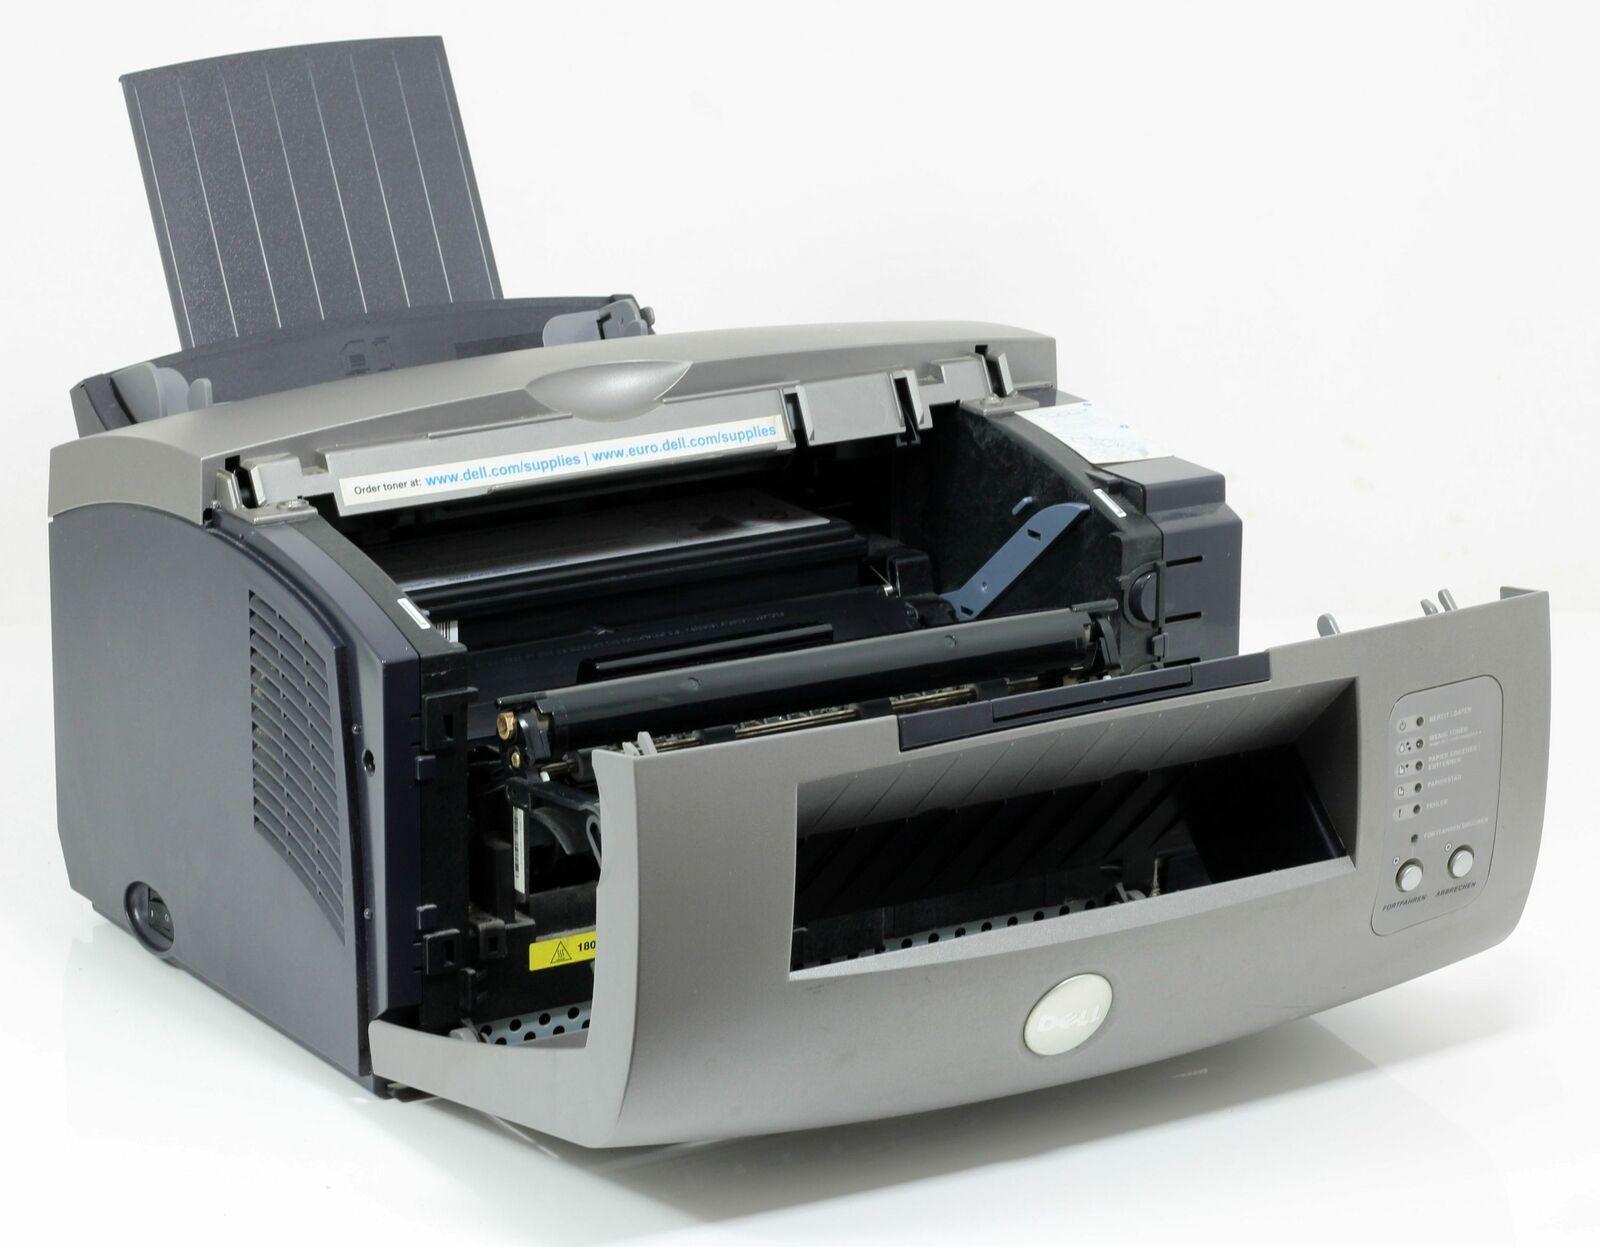 Dell imprimante p1500 imprimante laser sous 20.000 pages imprimées